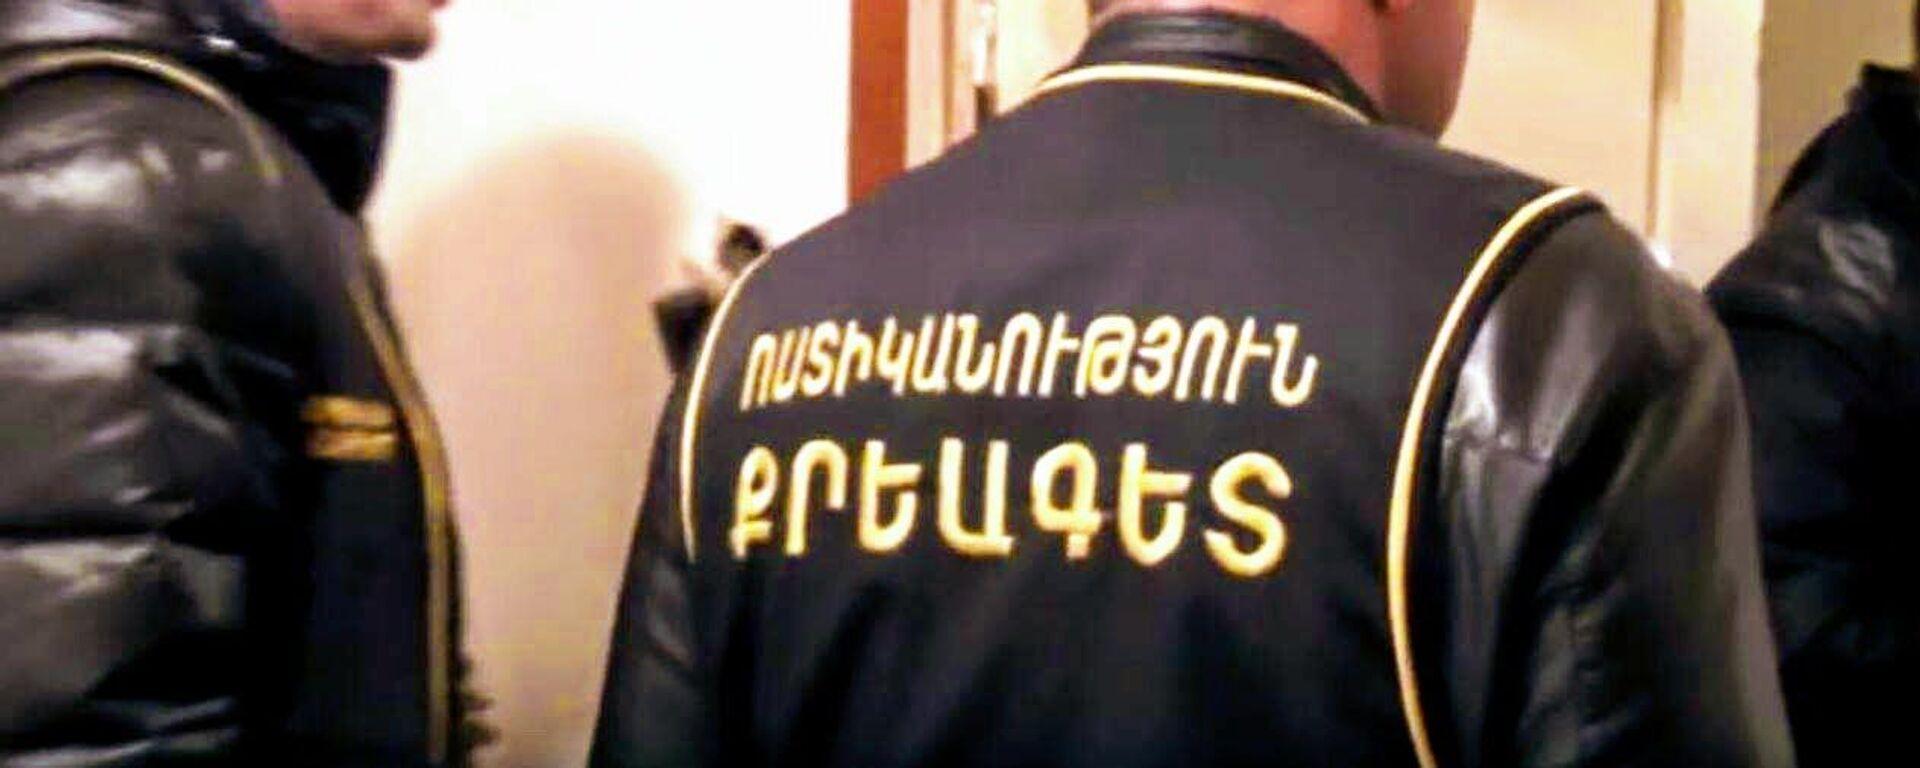 Полицейские-криминалисты - Sputnik Արմենիա, 1920, 27.03.2021